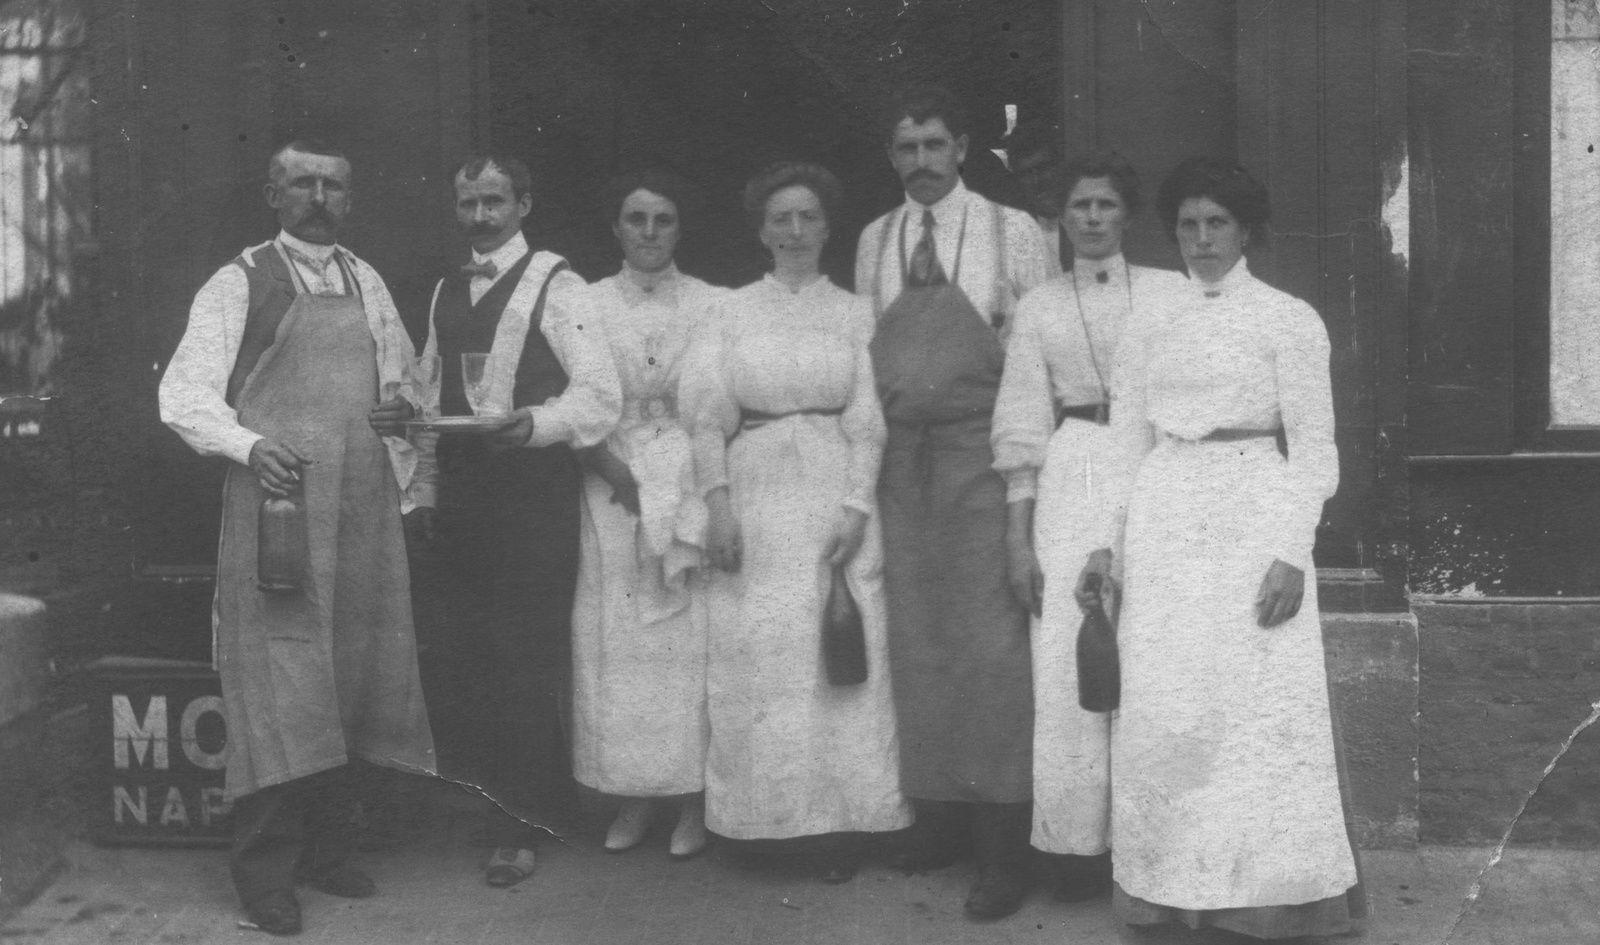 Des clients, puis des tenanciers, famille Saint-Pierre, et le personnel posant devant l'hôtel du Midi vers 1900 (photographies de la famille Duretz).